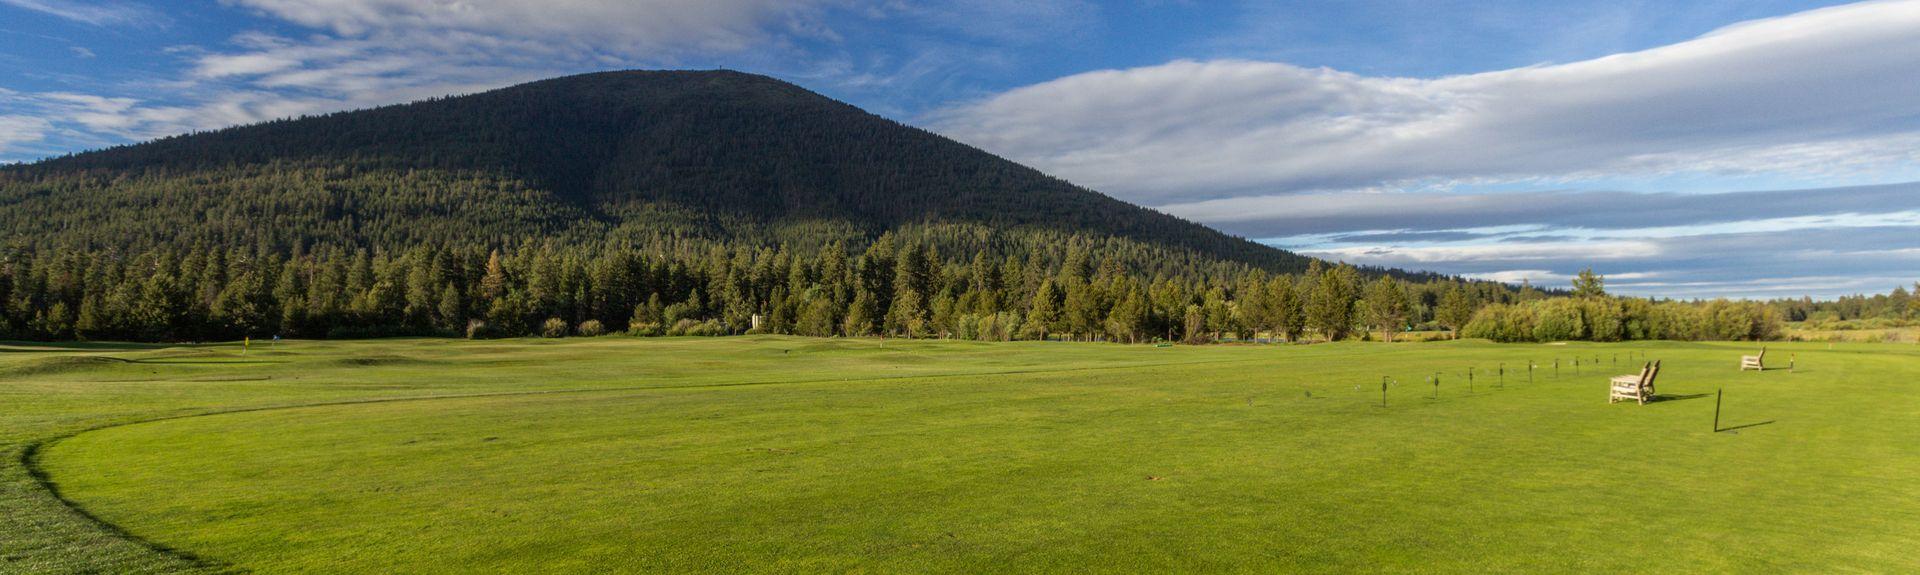 Parcours de golf d'Aspen Lakes, Sisters, Oregon, États-Unis d'Amérique